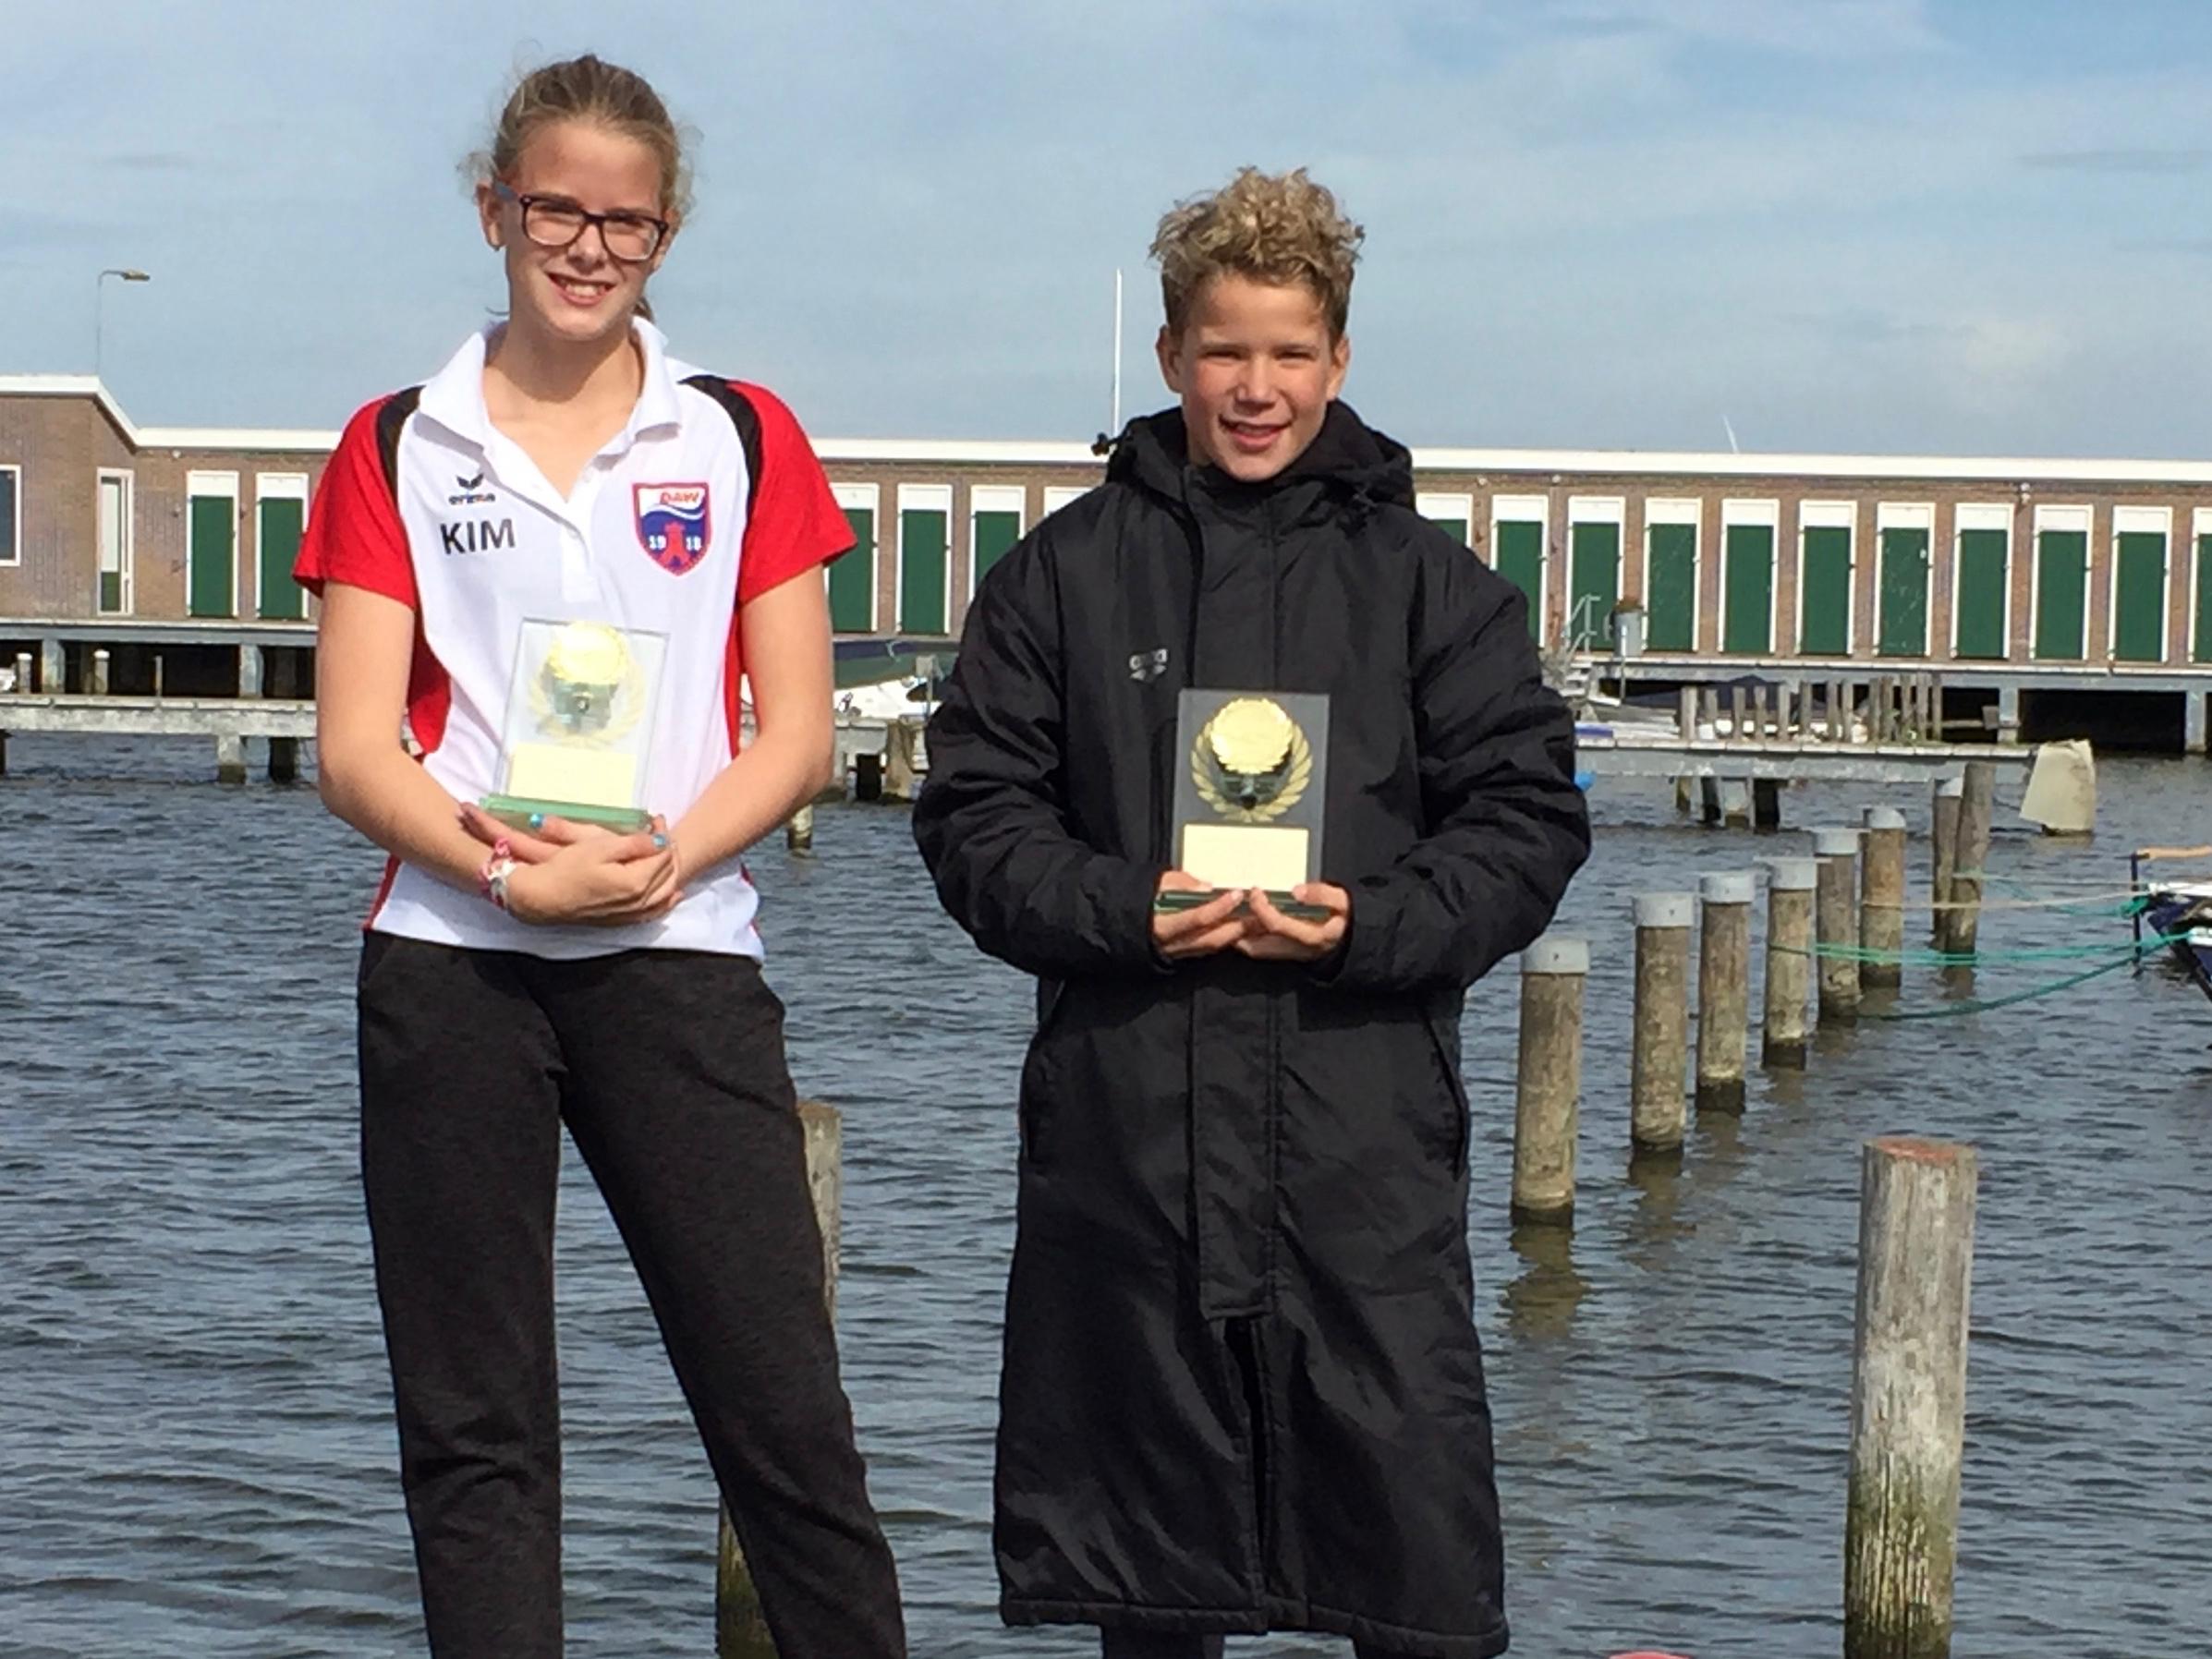 Kim Oudendijk en Feico de Jonge. (Foto: Aangeleverd)